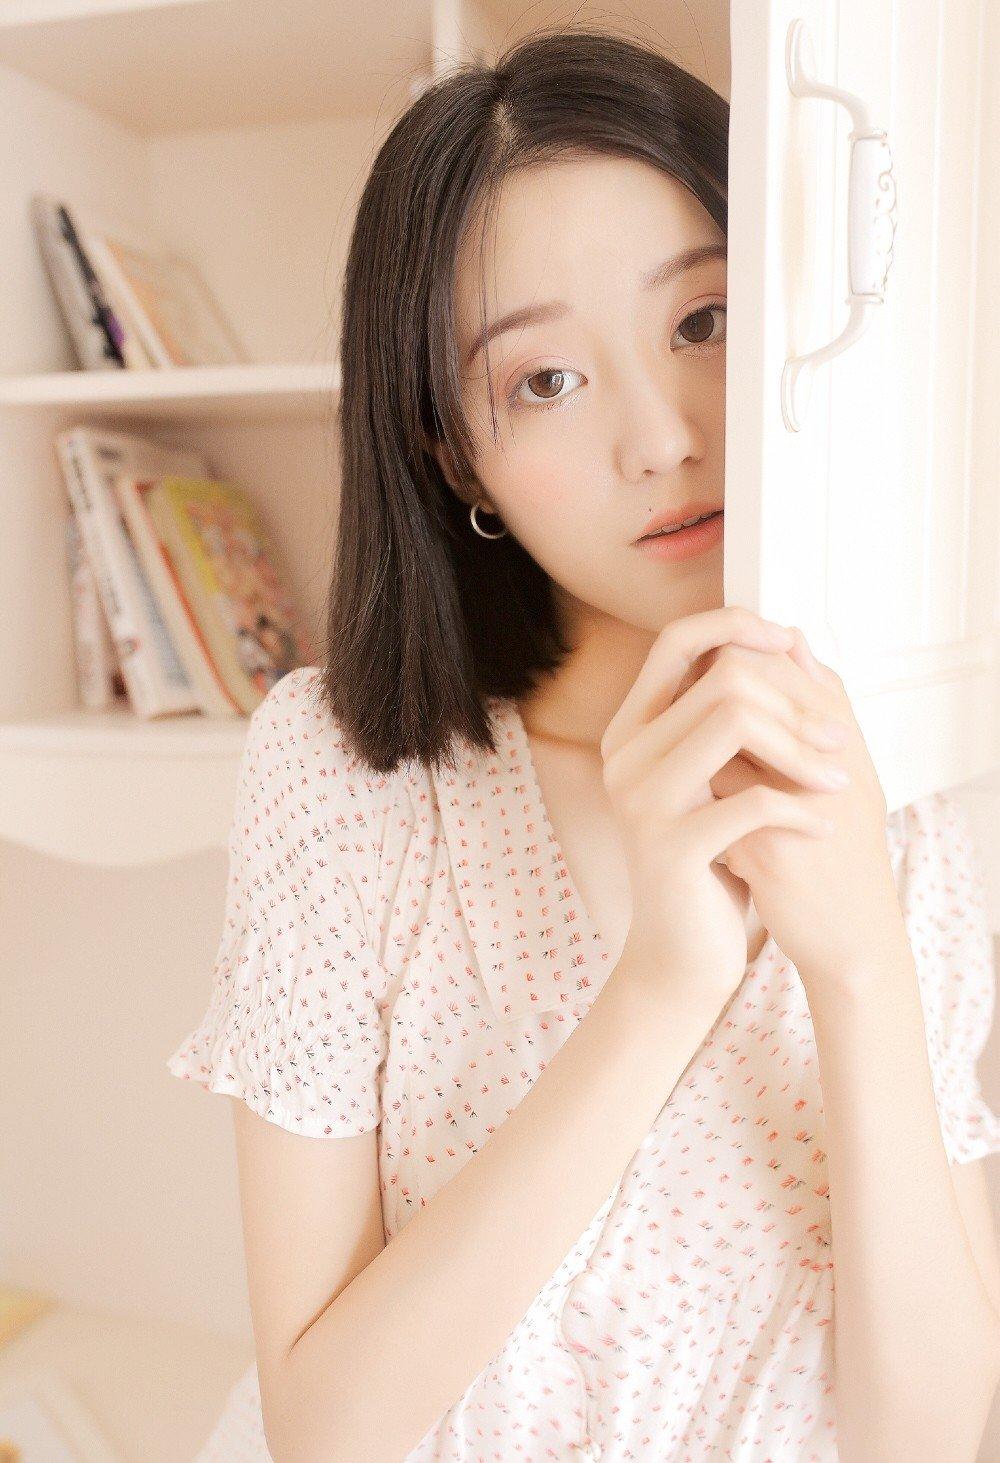 邻家清纯少女写真